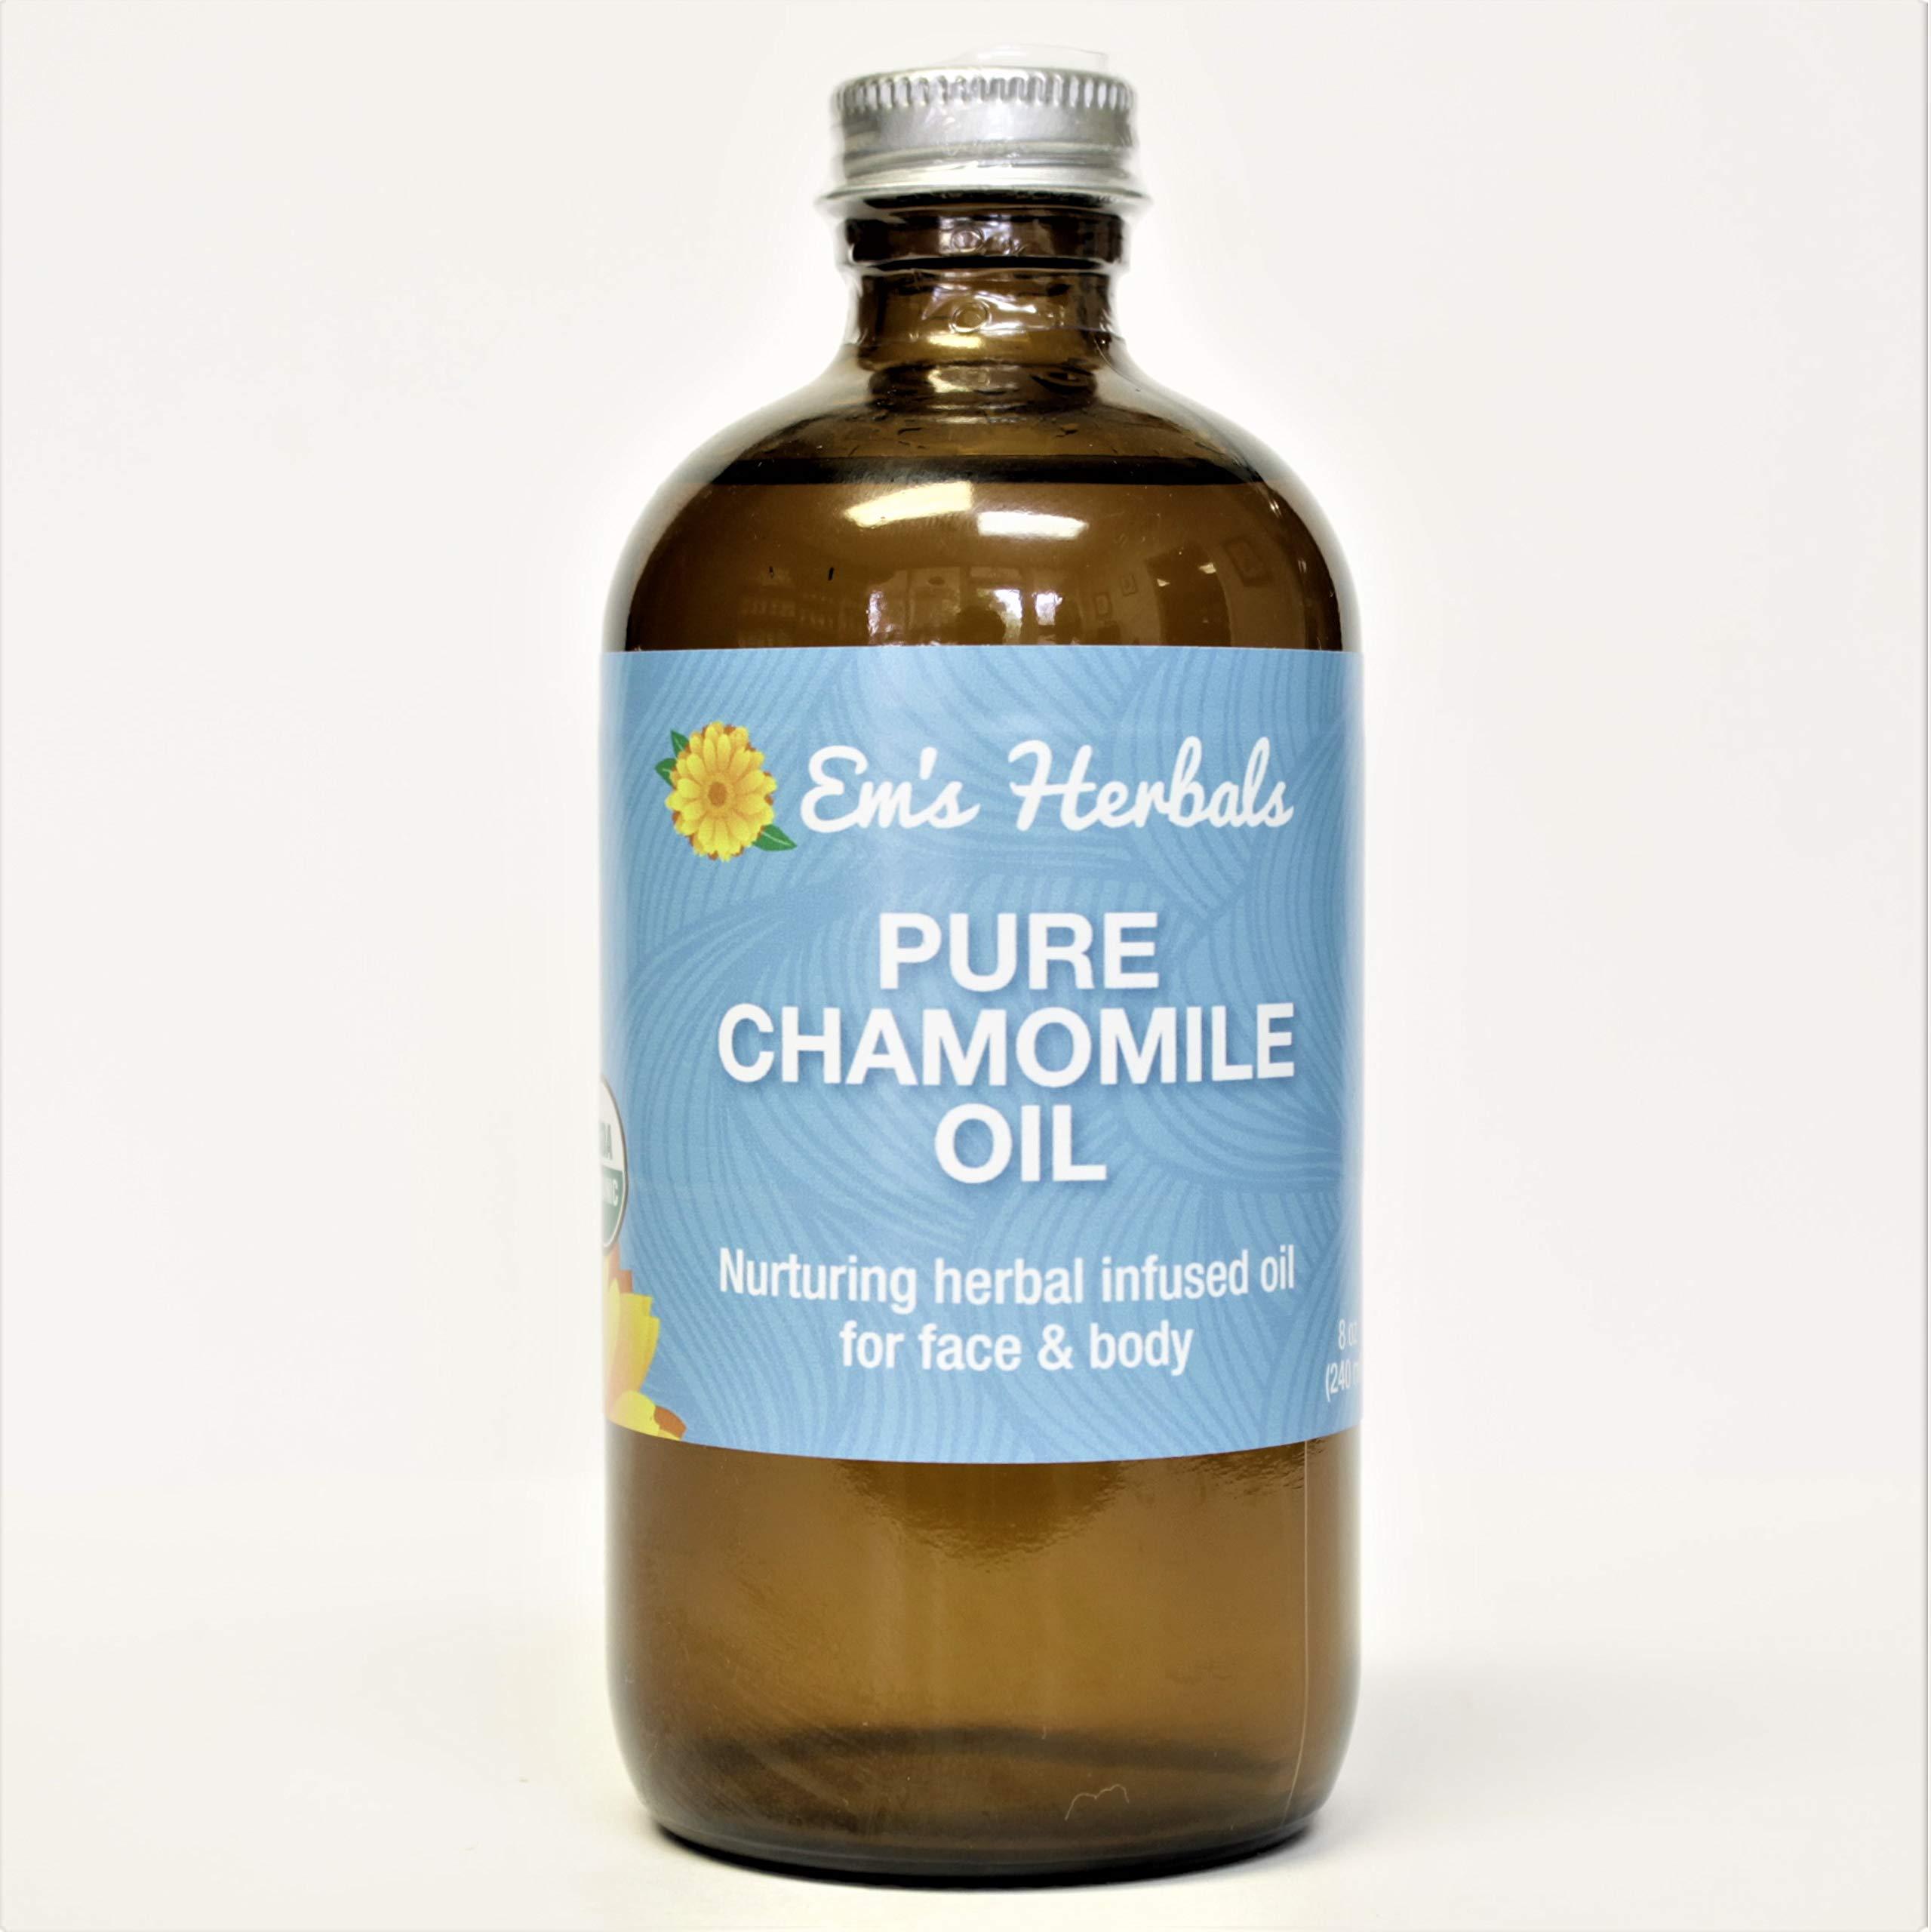 Pure Chamomile Oil (32 oz)